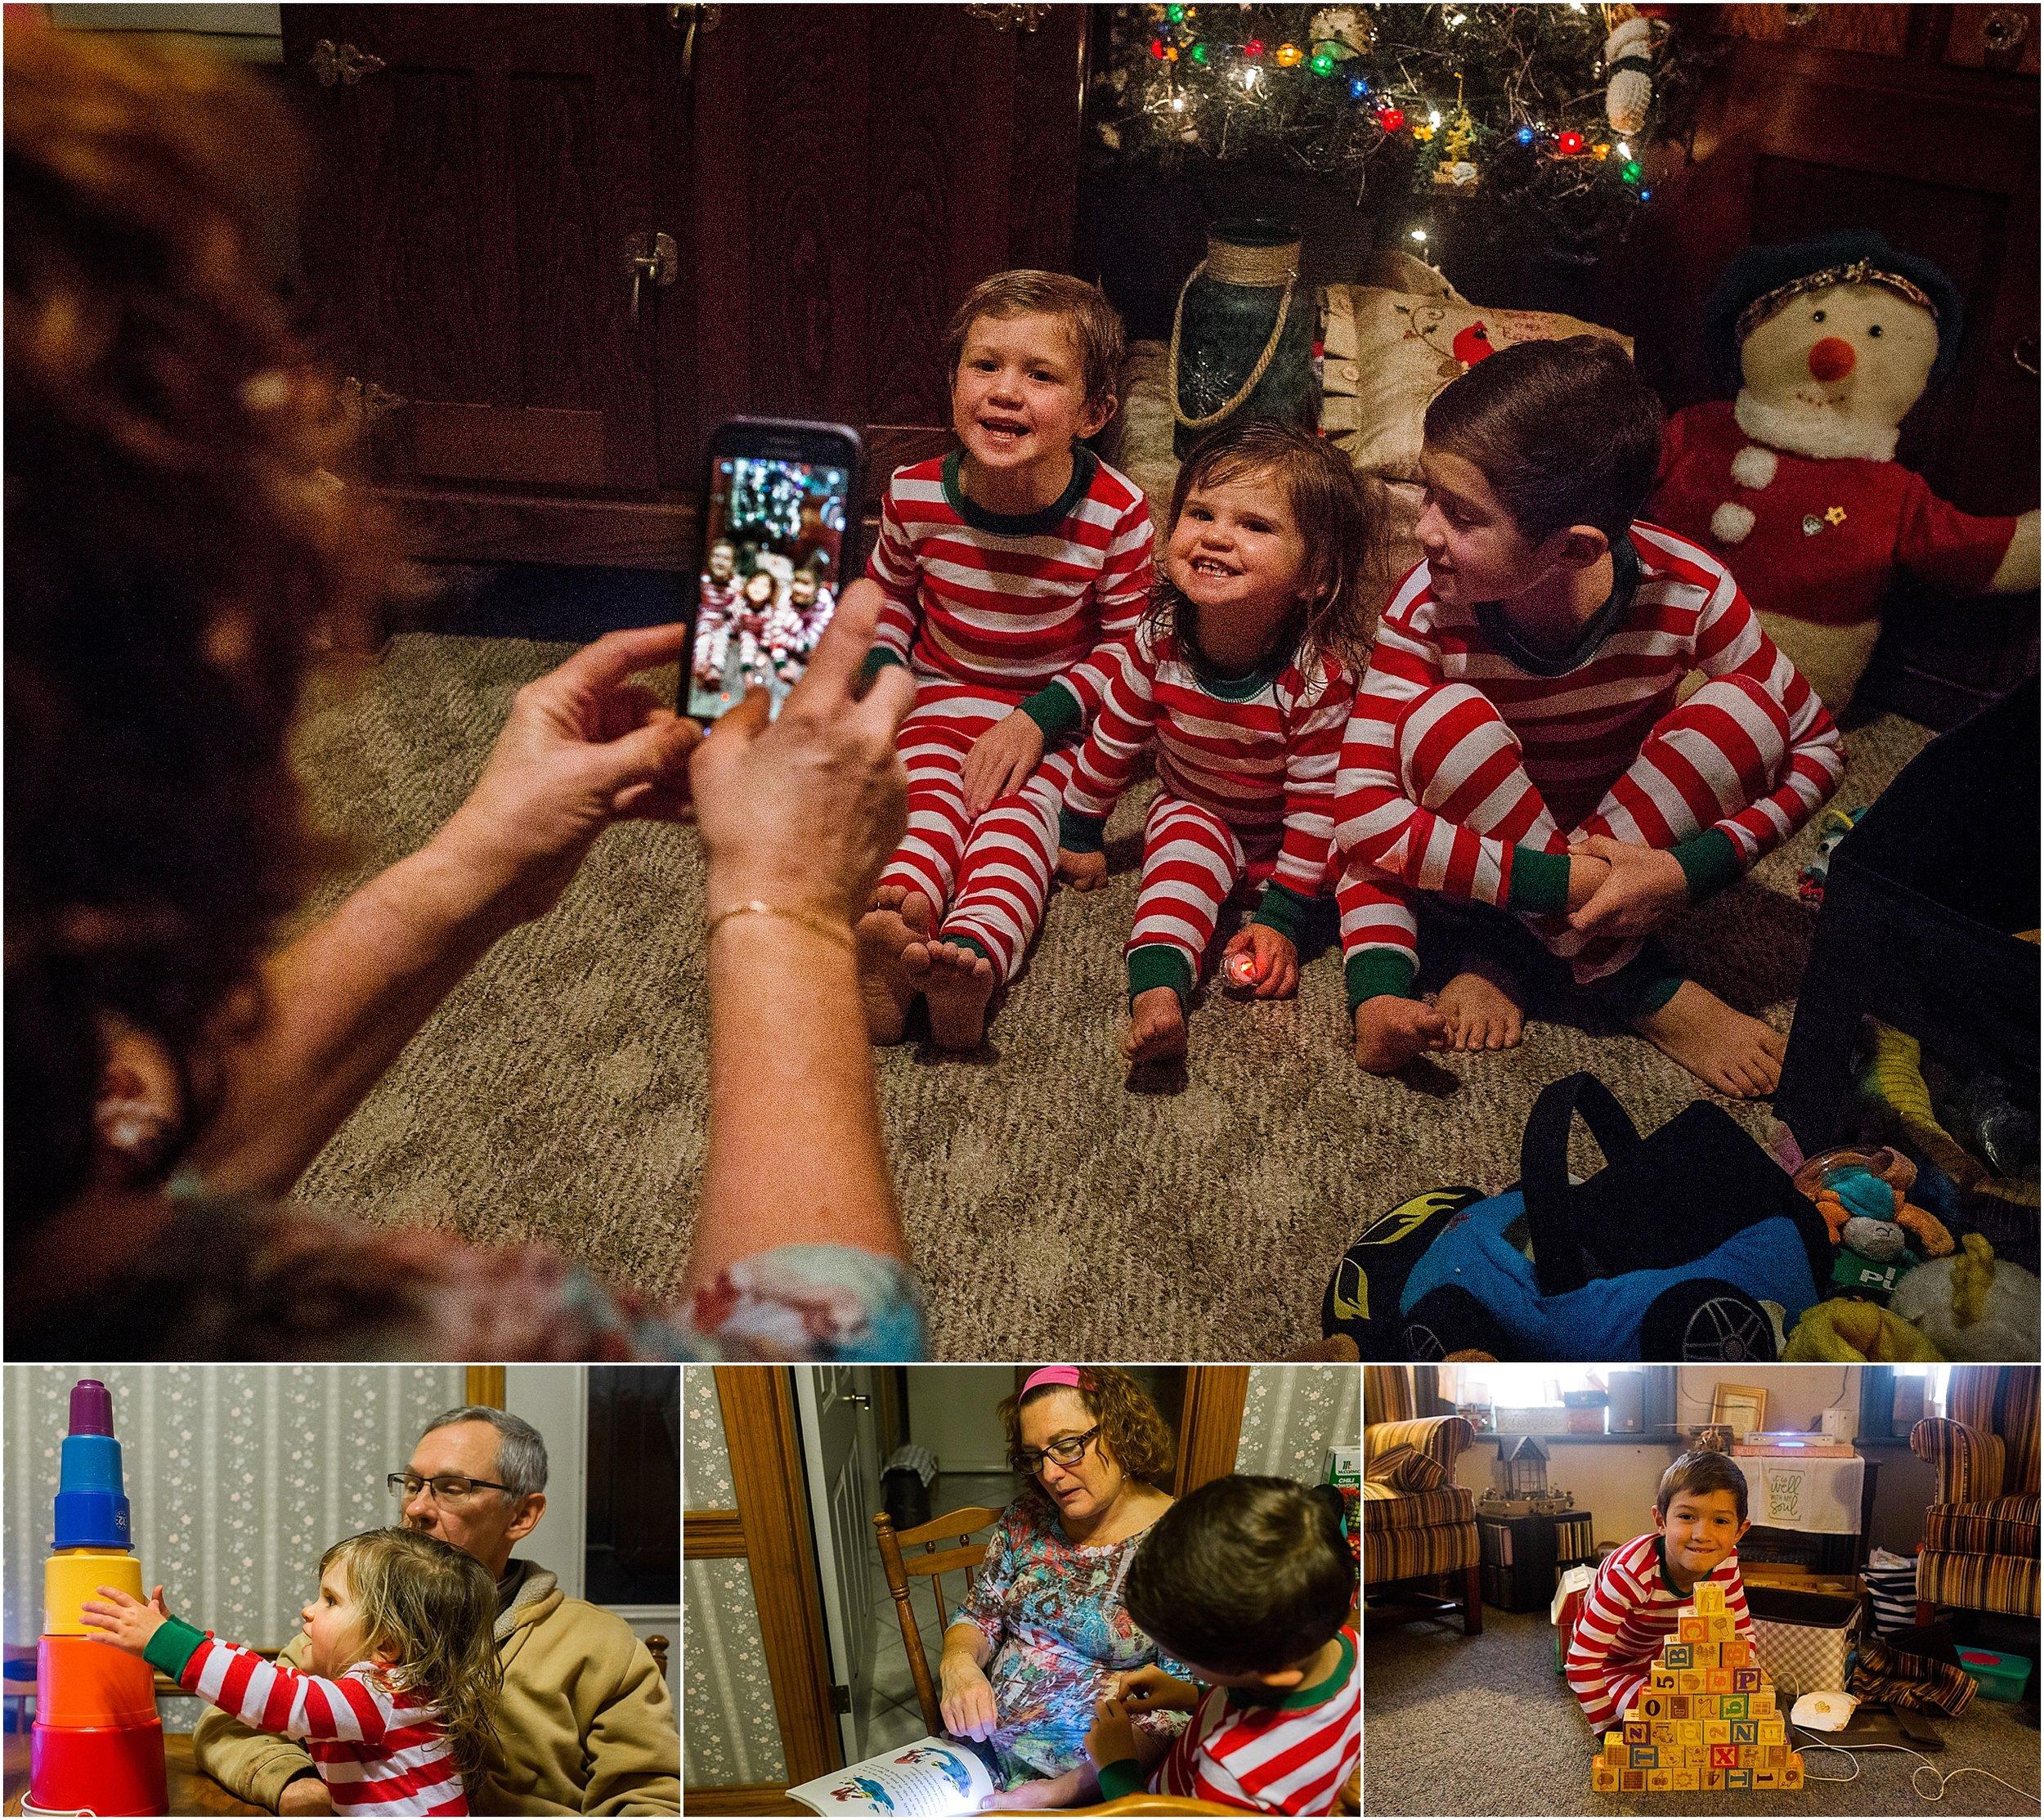 Grandma taking picture kids matching pajamas